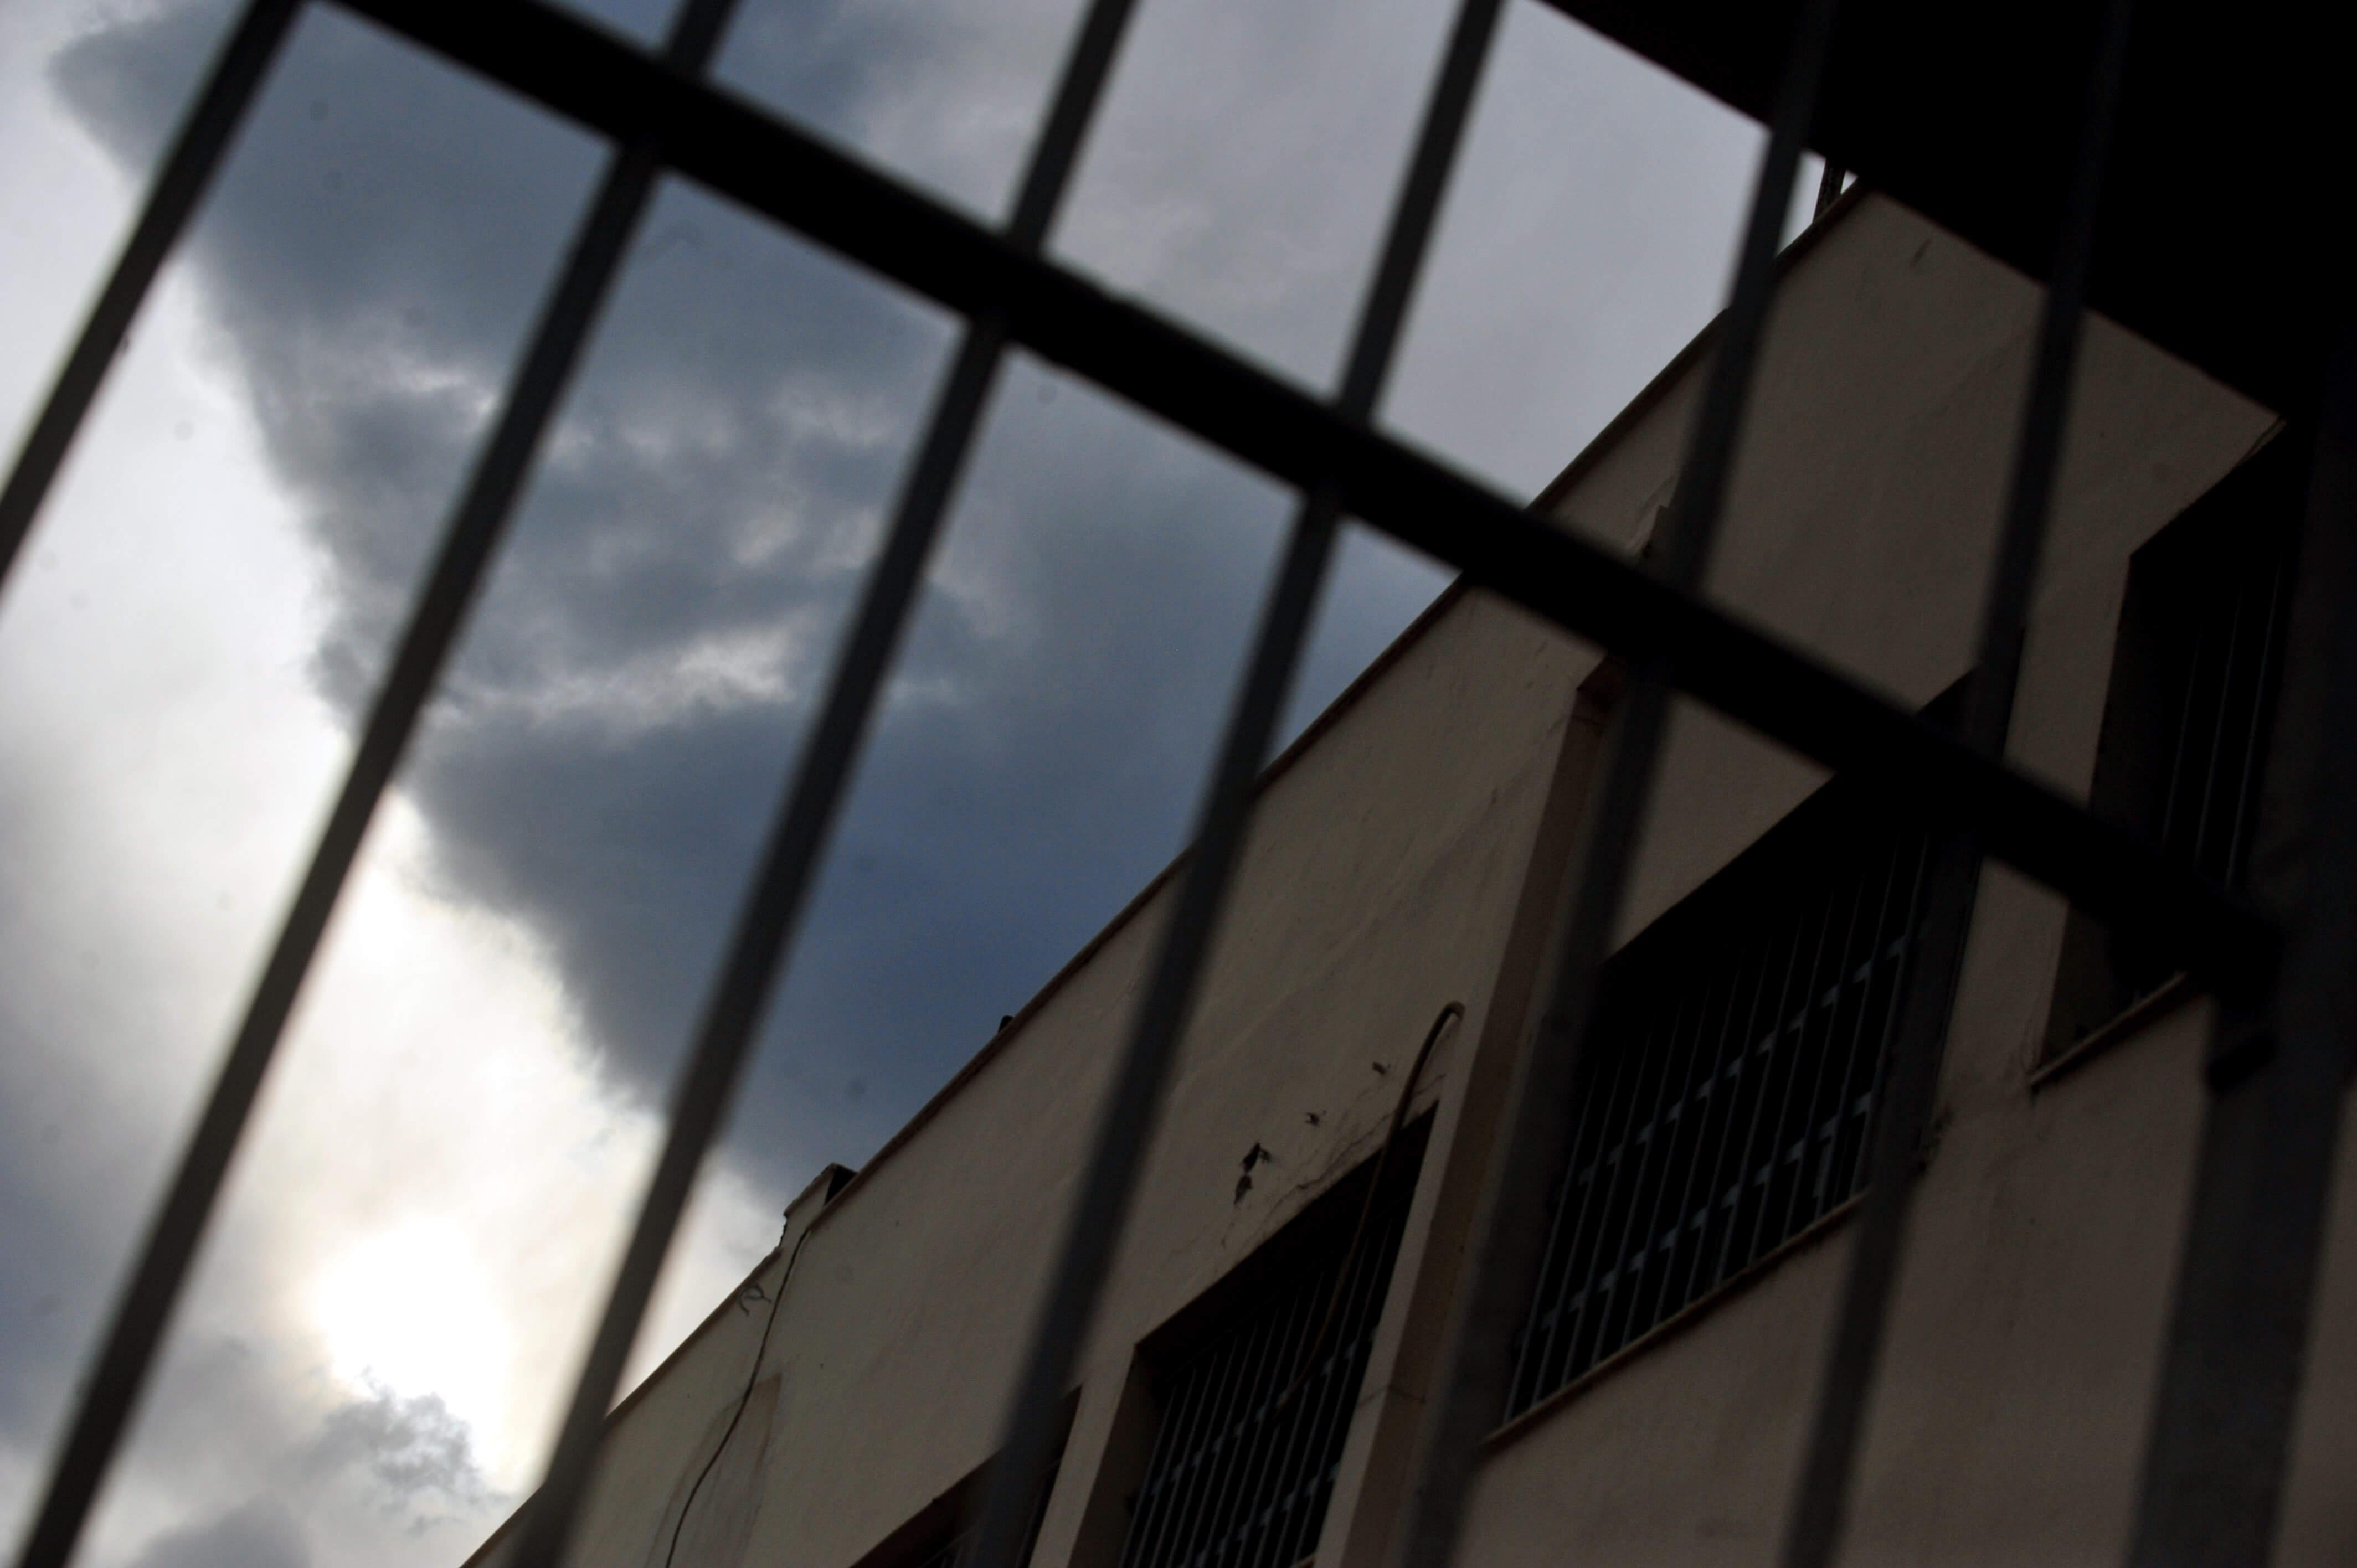 Κρήτη: Χειρουργήθηκε ο ένας από τους κρατούμενους που τραυματίστηκαν στην άγρια συμπλοκή